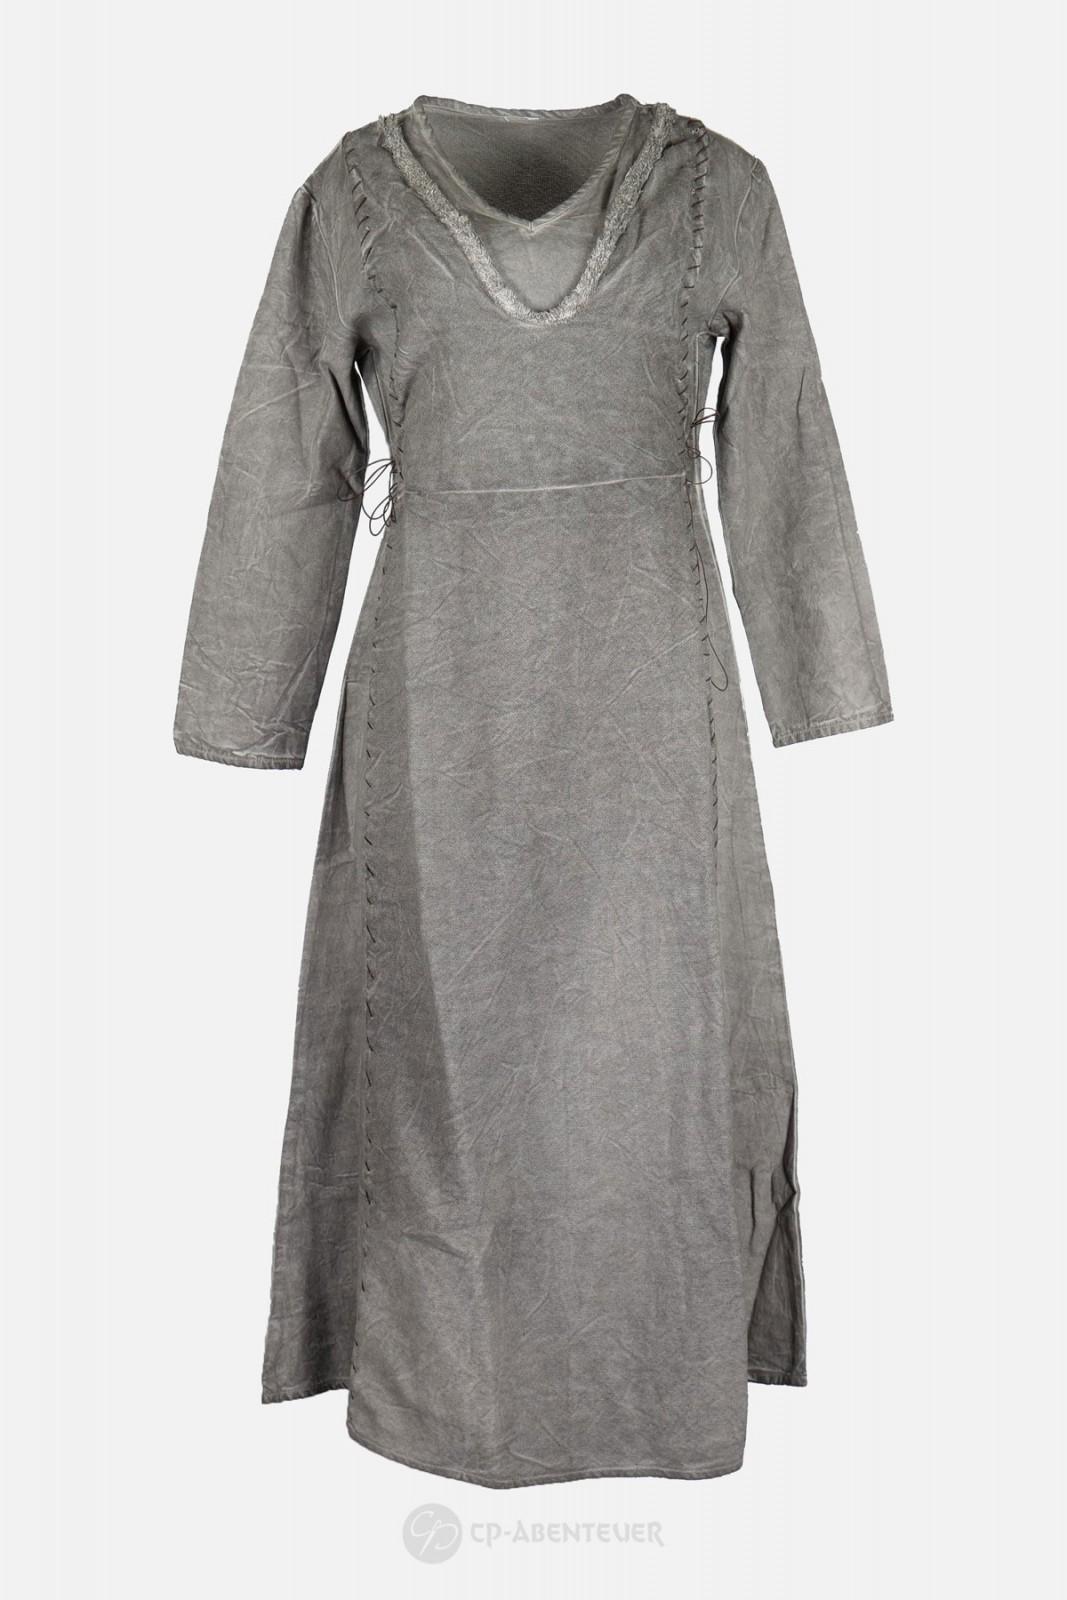 Lagertha - Kleid grau